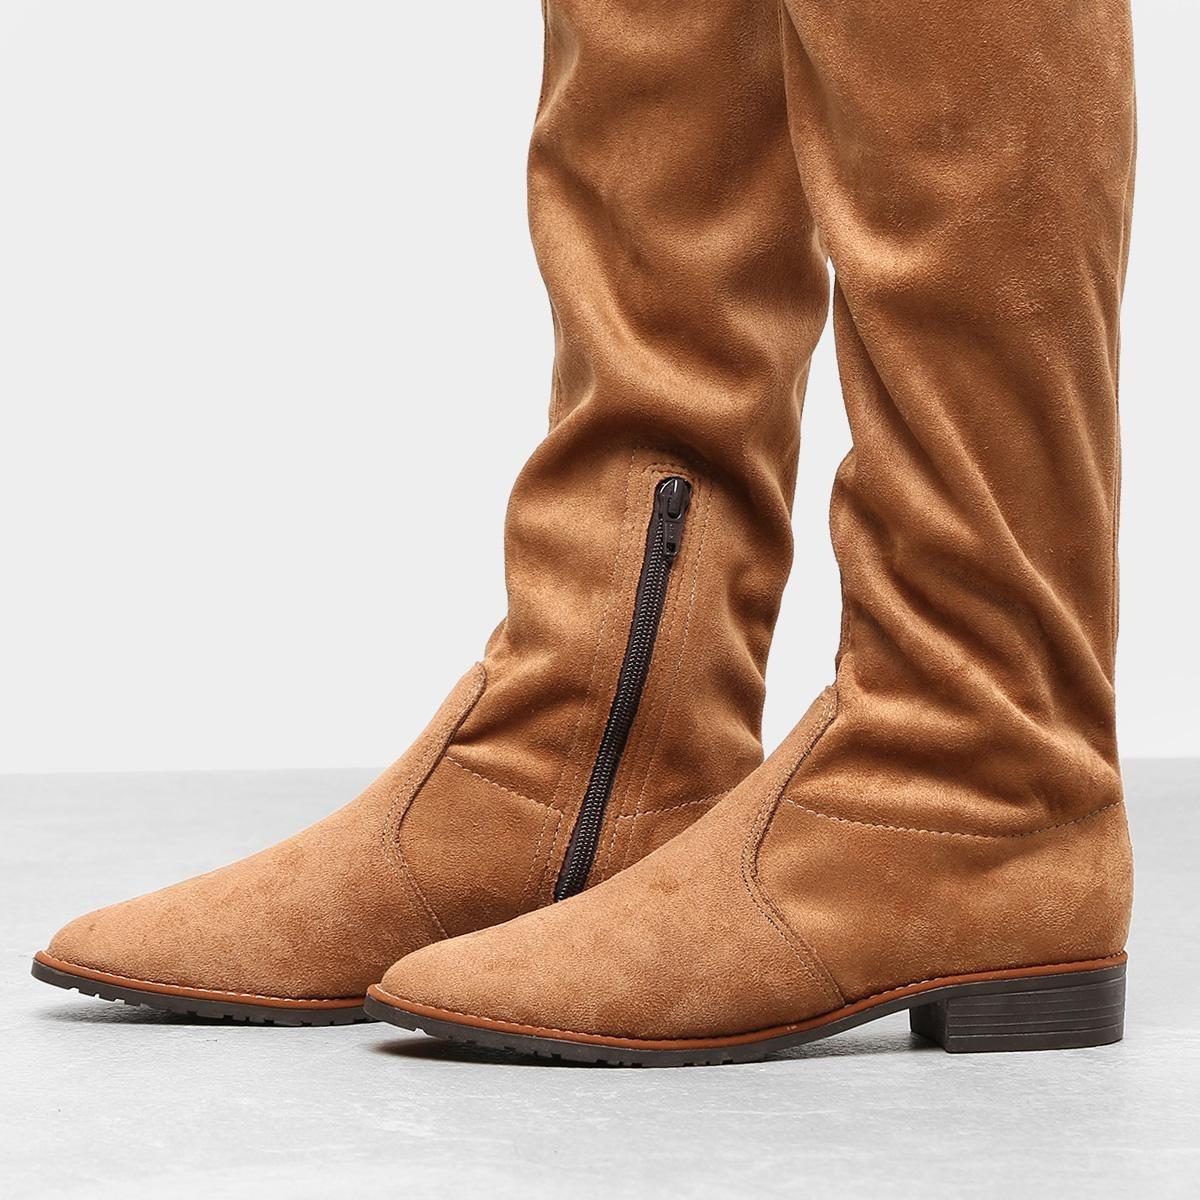 5d2972965 Bota Over The Knee Drezzup Amarração Feminina - R$ 99,99 em Mercado ...